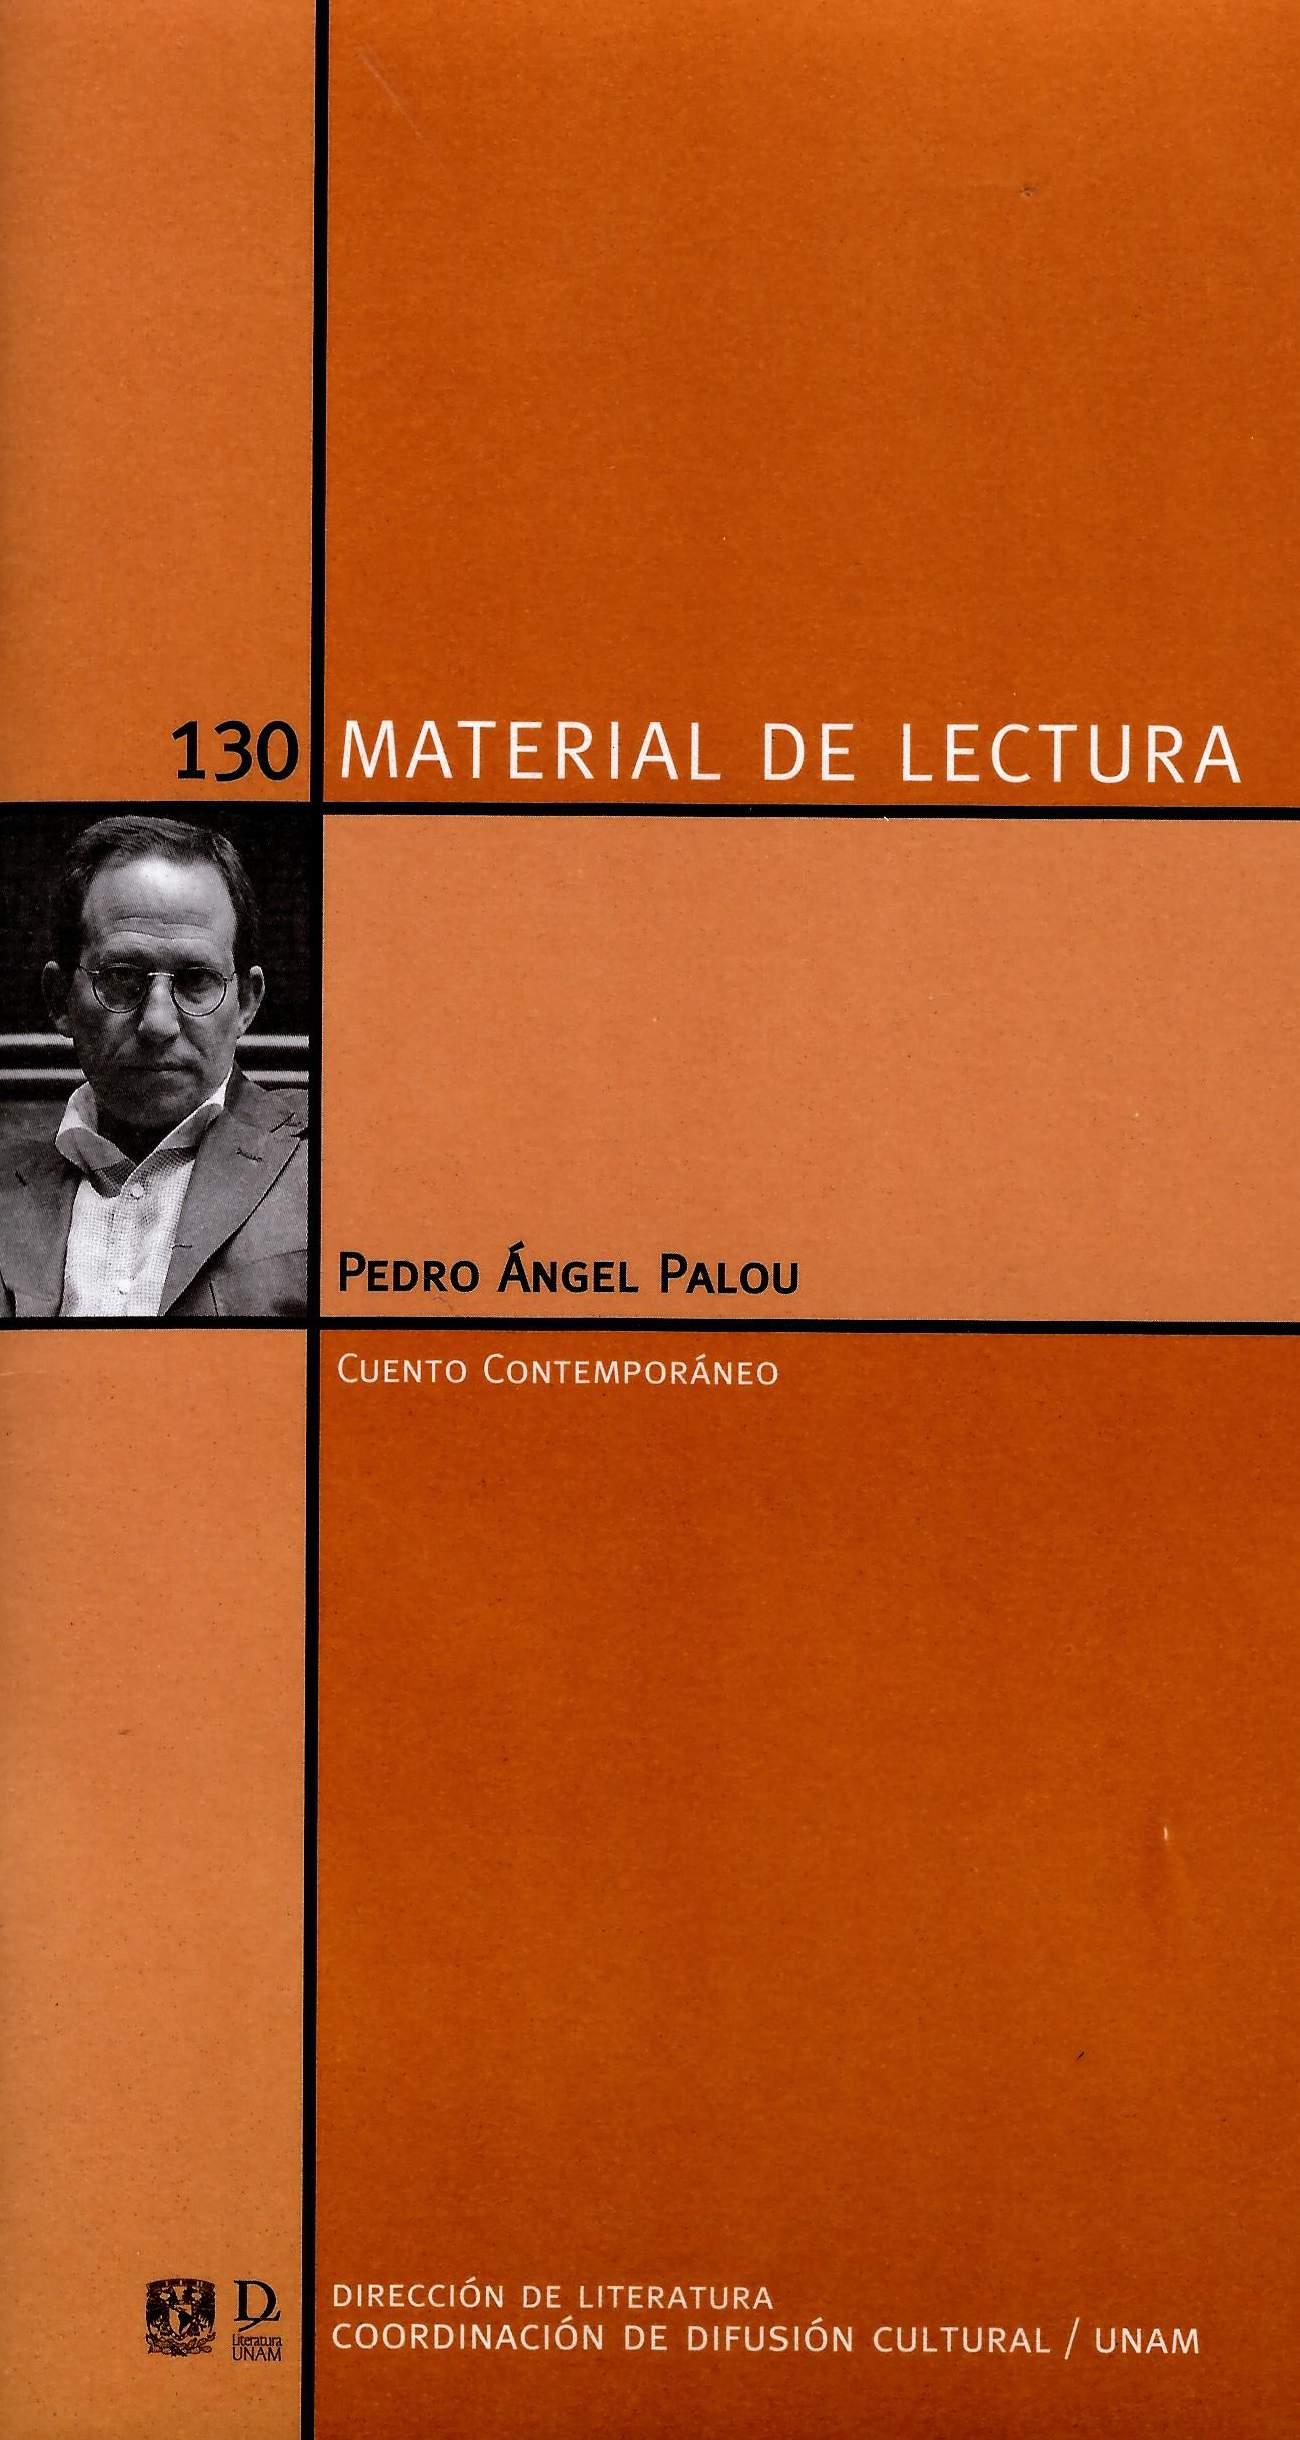 Pedro Ángel Palou. Cuento contemporáneo